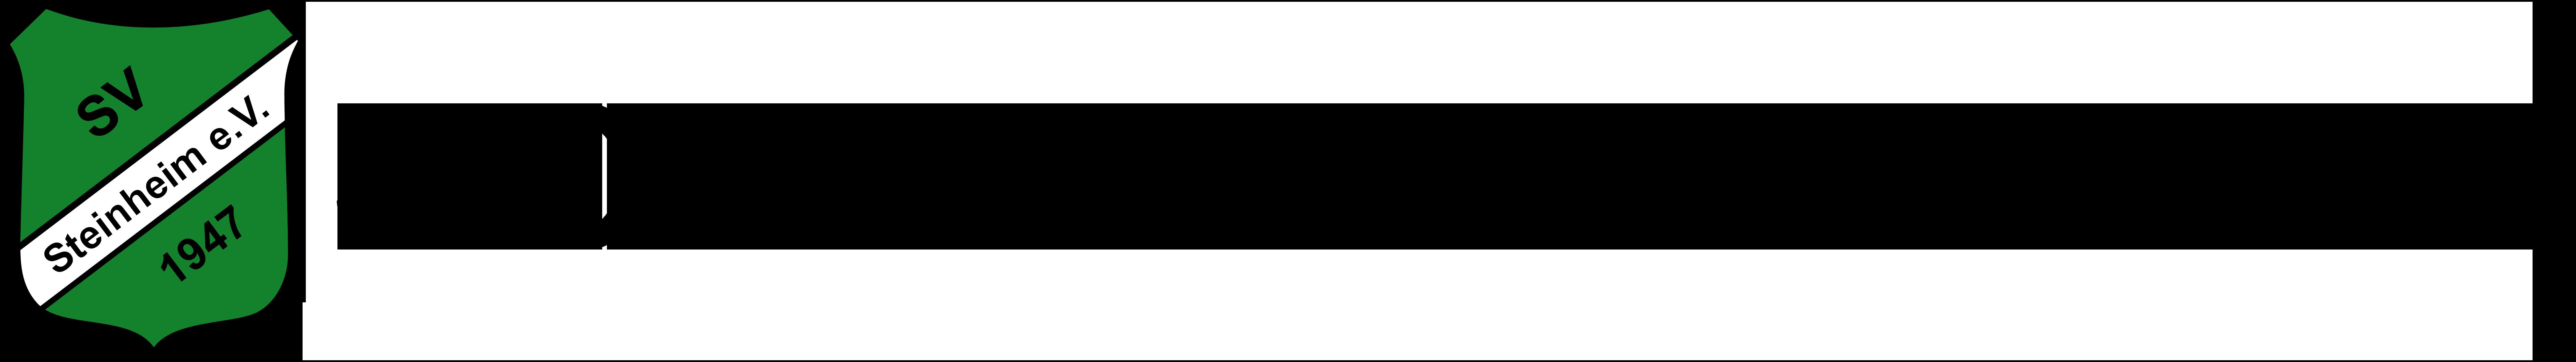 Fussball – SV Steinheim e.V.